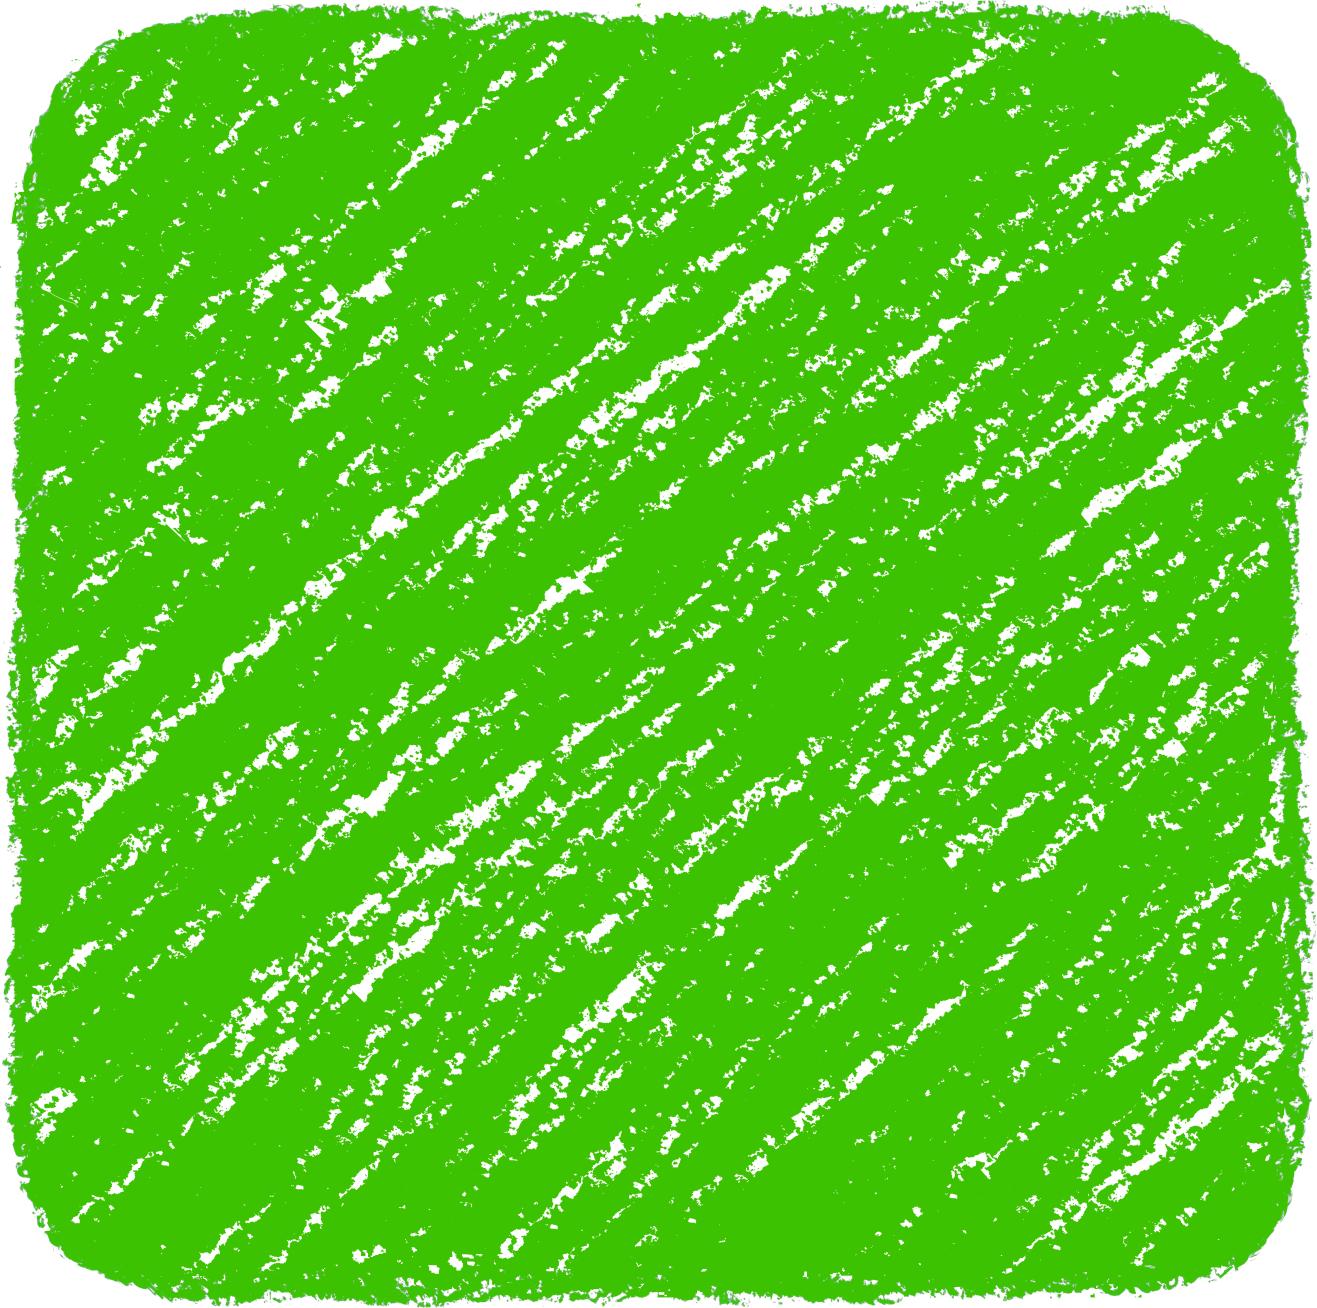 クレヨン塗り背景 緑色 新(グリーン)四角のイラスト square_green